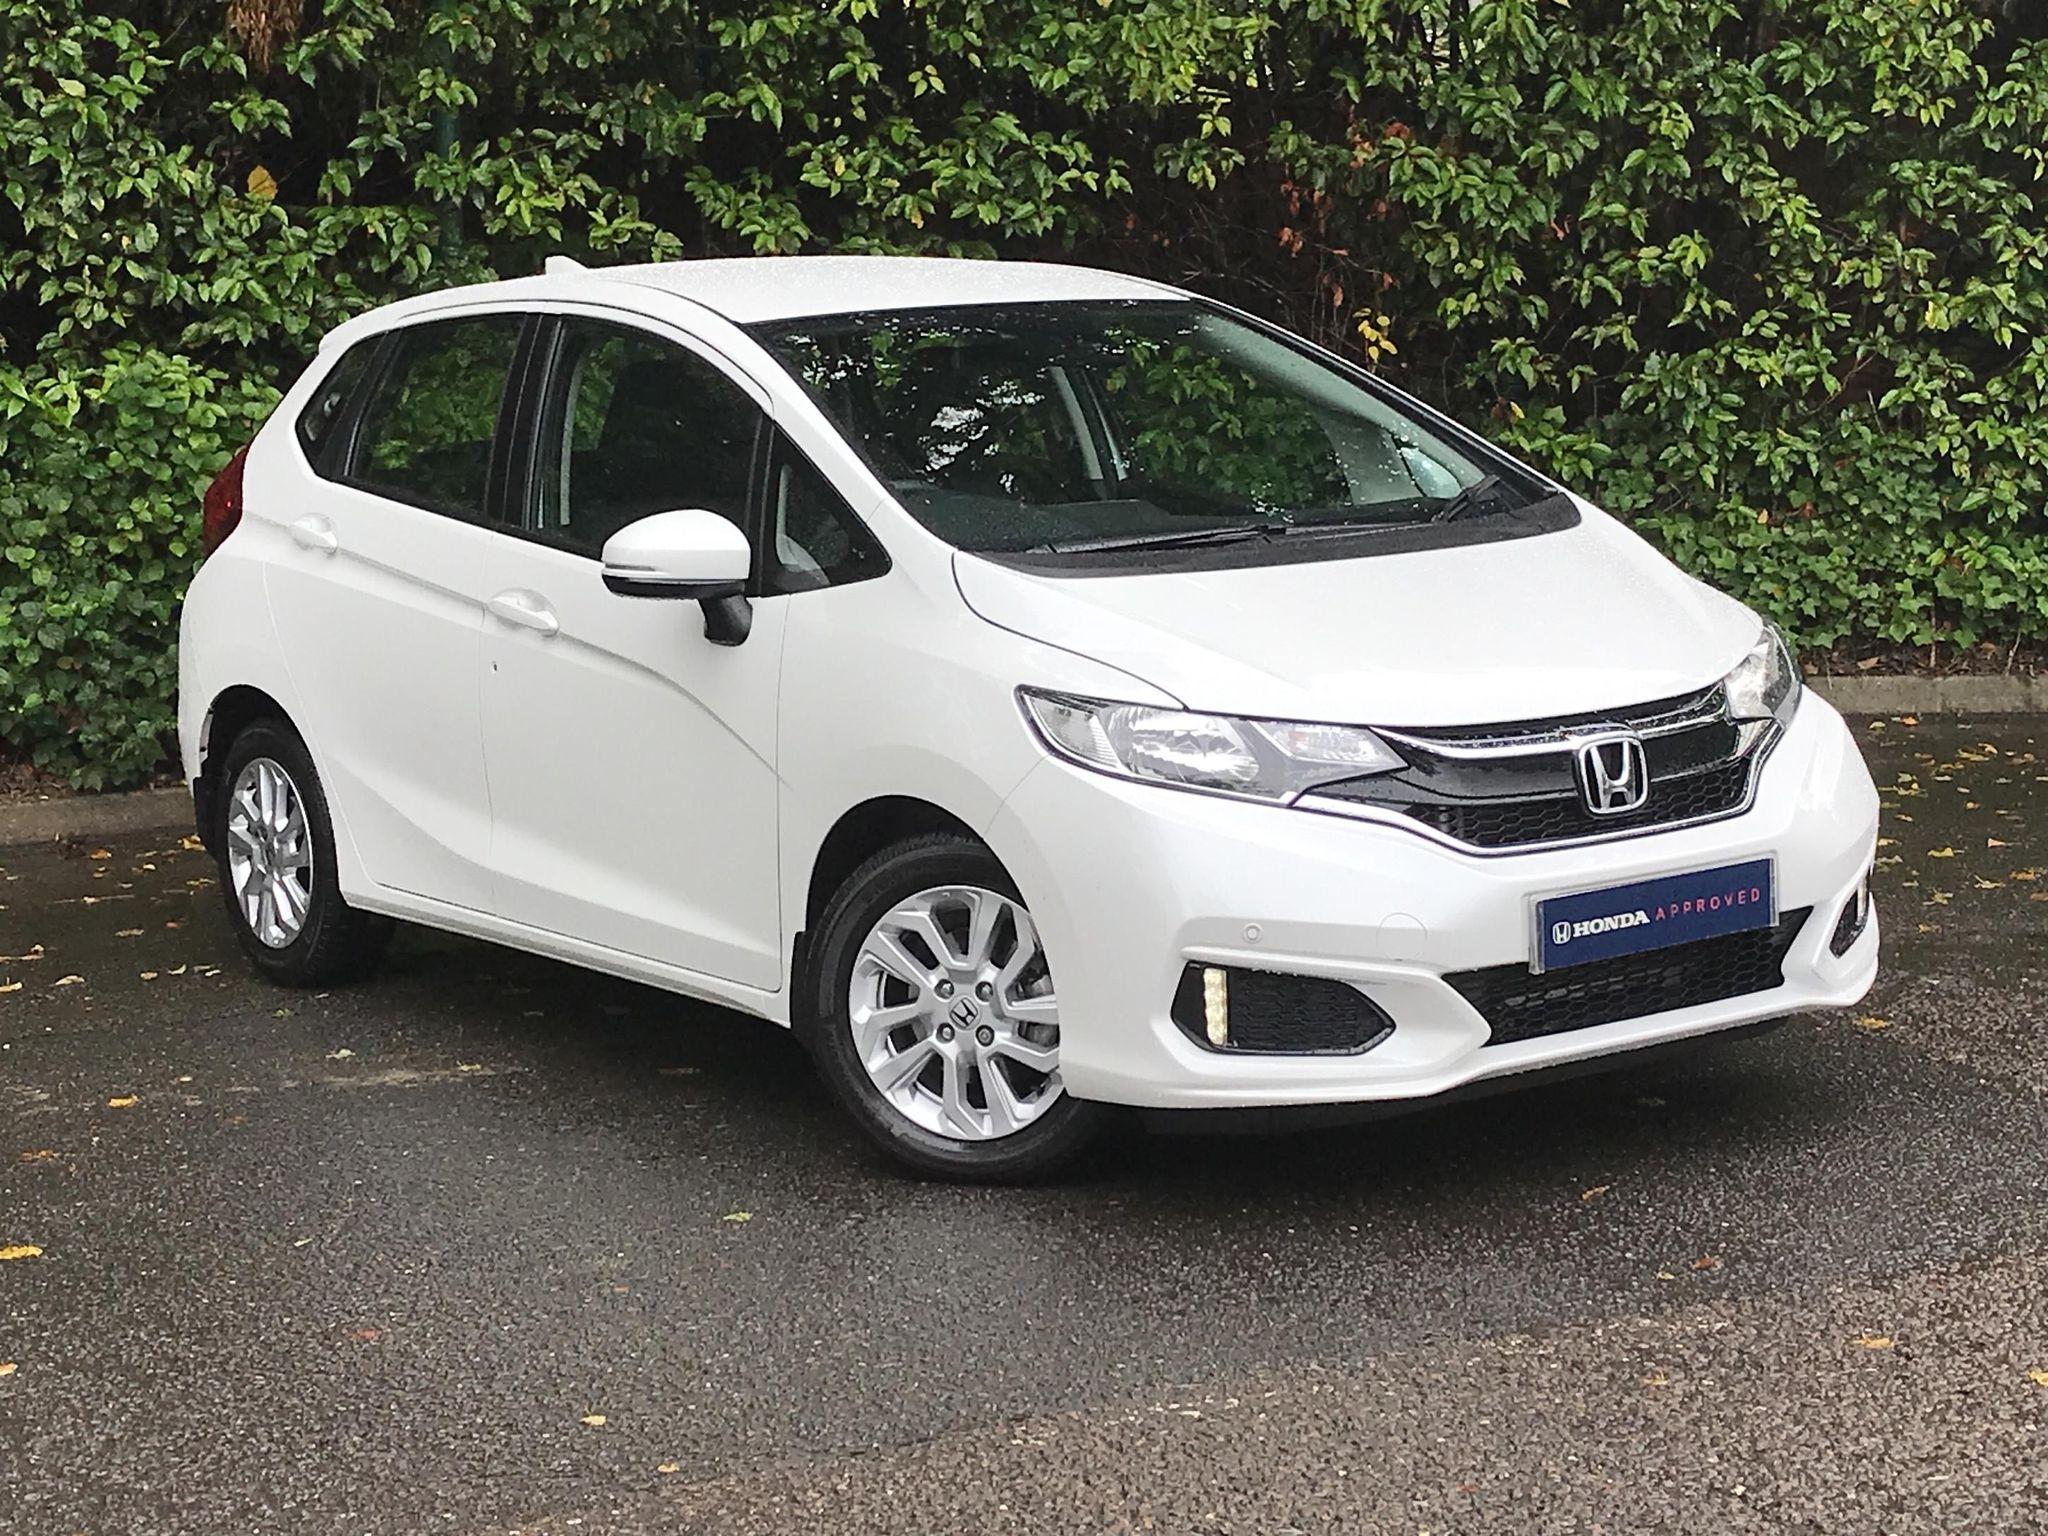 Honda Jazz 1.3 i-VTEC SE Navi CVT (s/s) 5dr